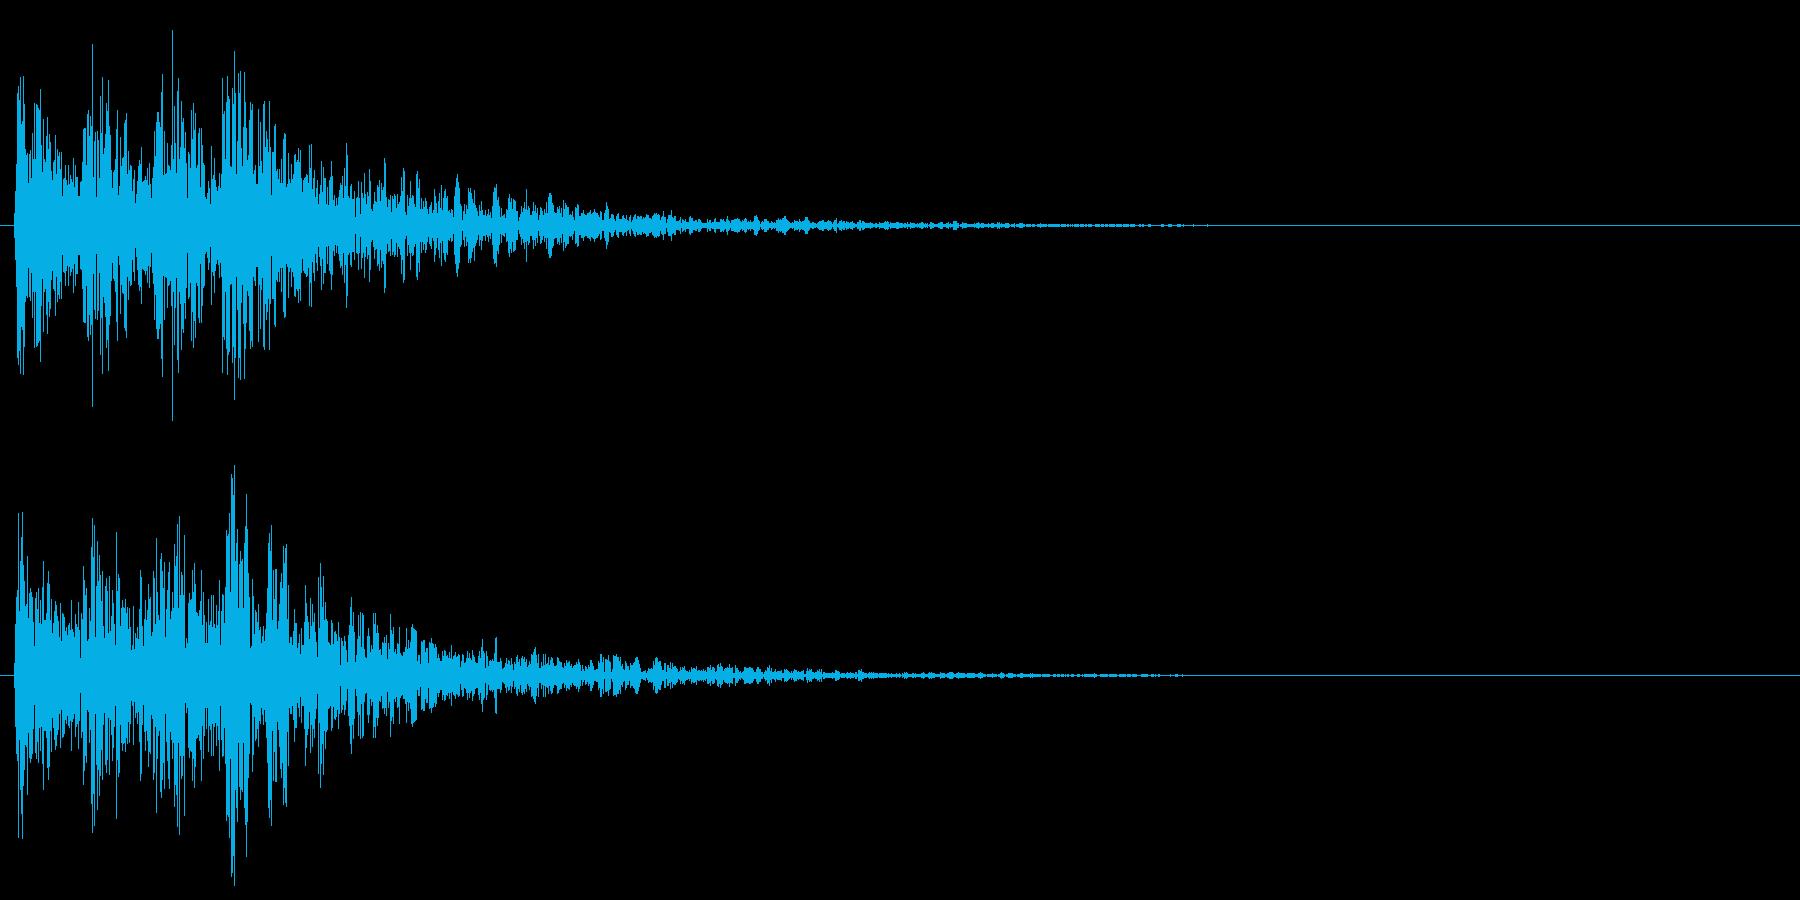 ティンパニとスネアの勇ましい転回音 戦争の再生済みの波形